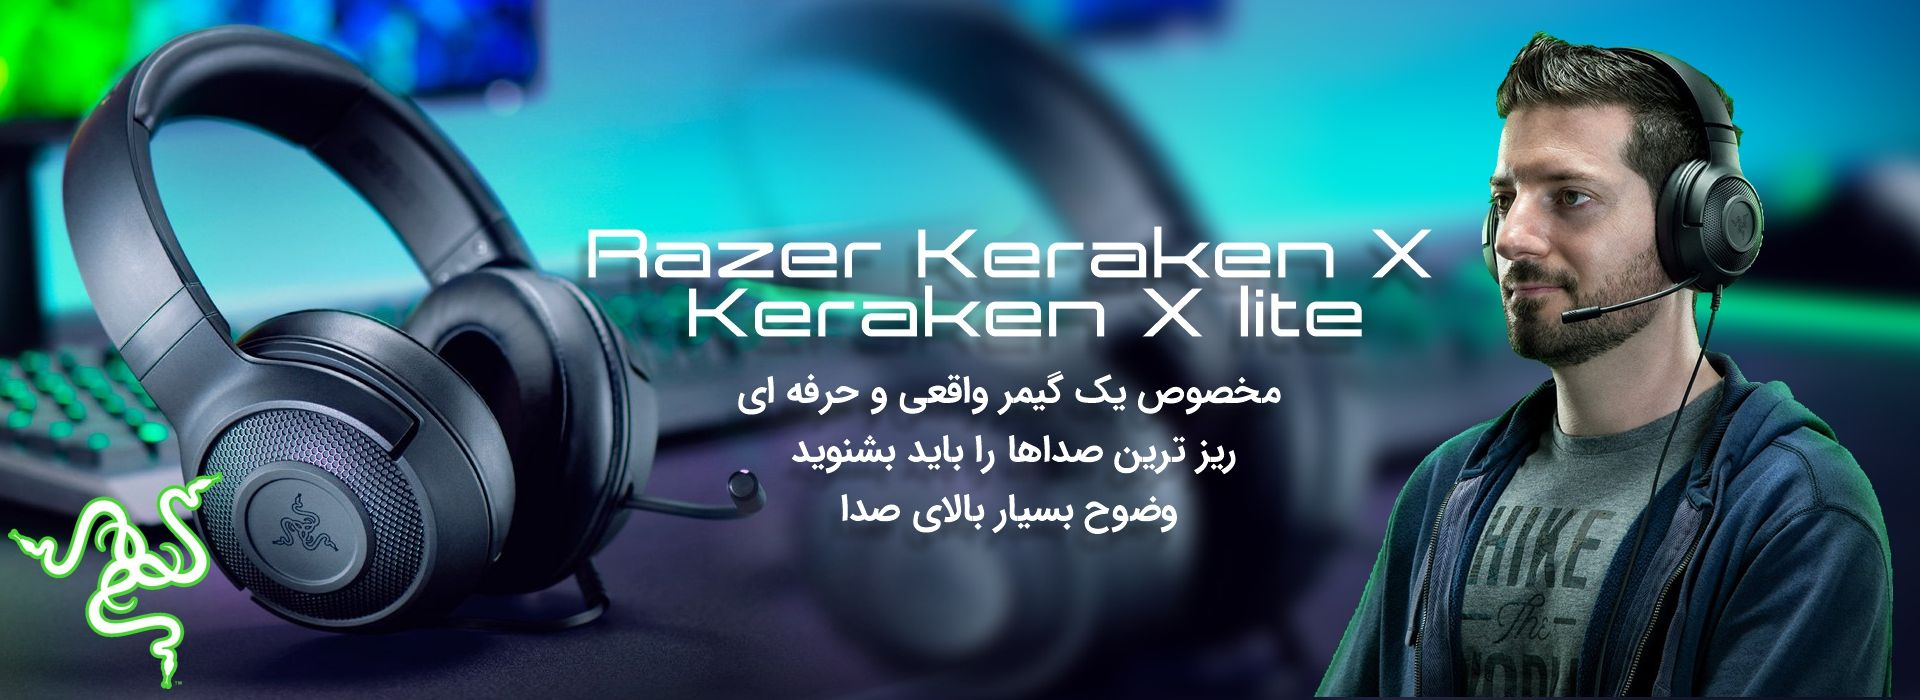 Razer Keraken X , Keraken X lite